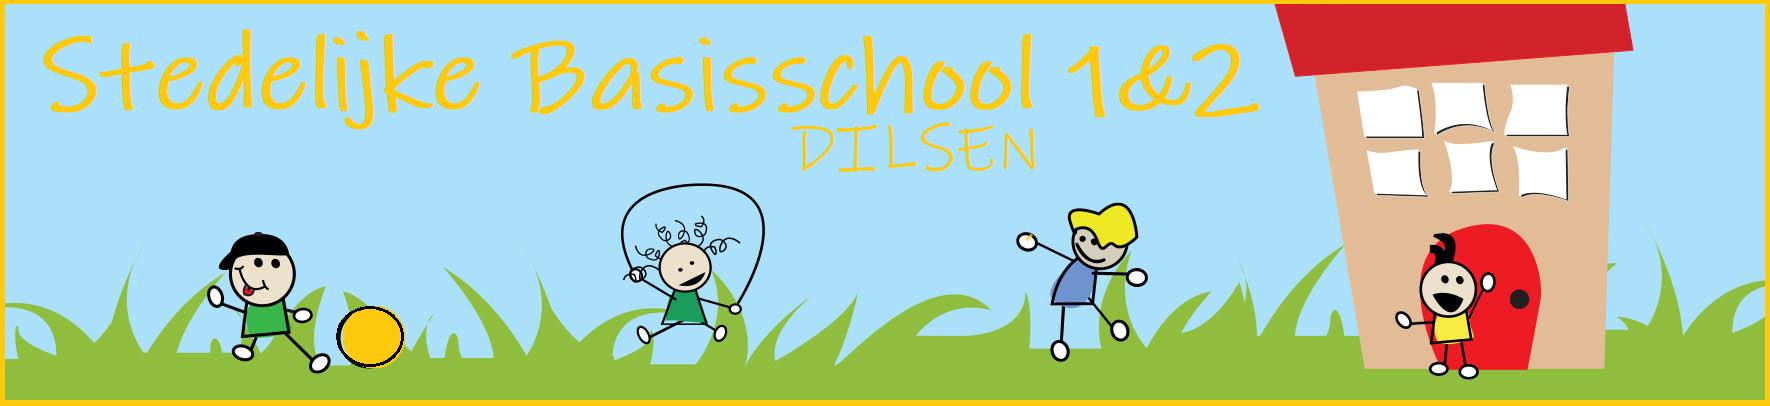 SBS1&2 Dilsen